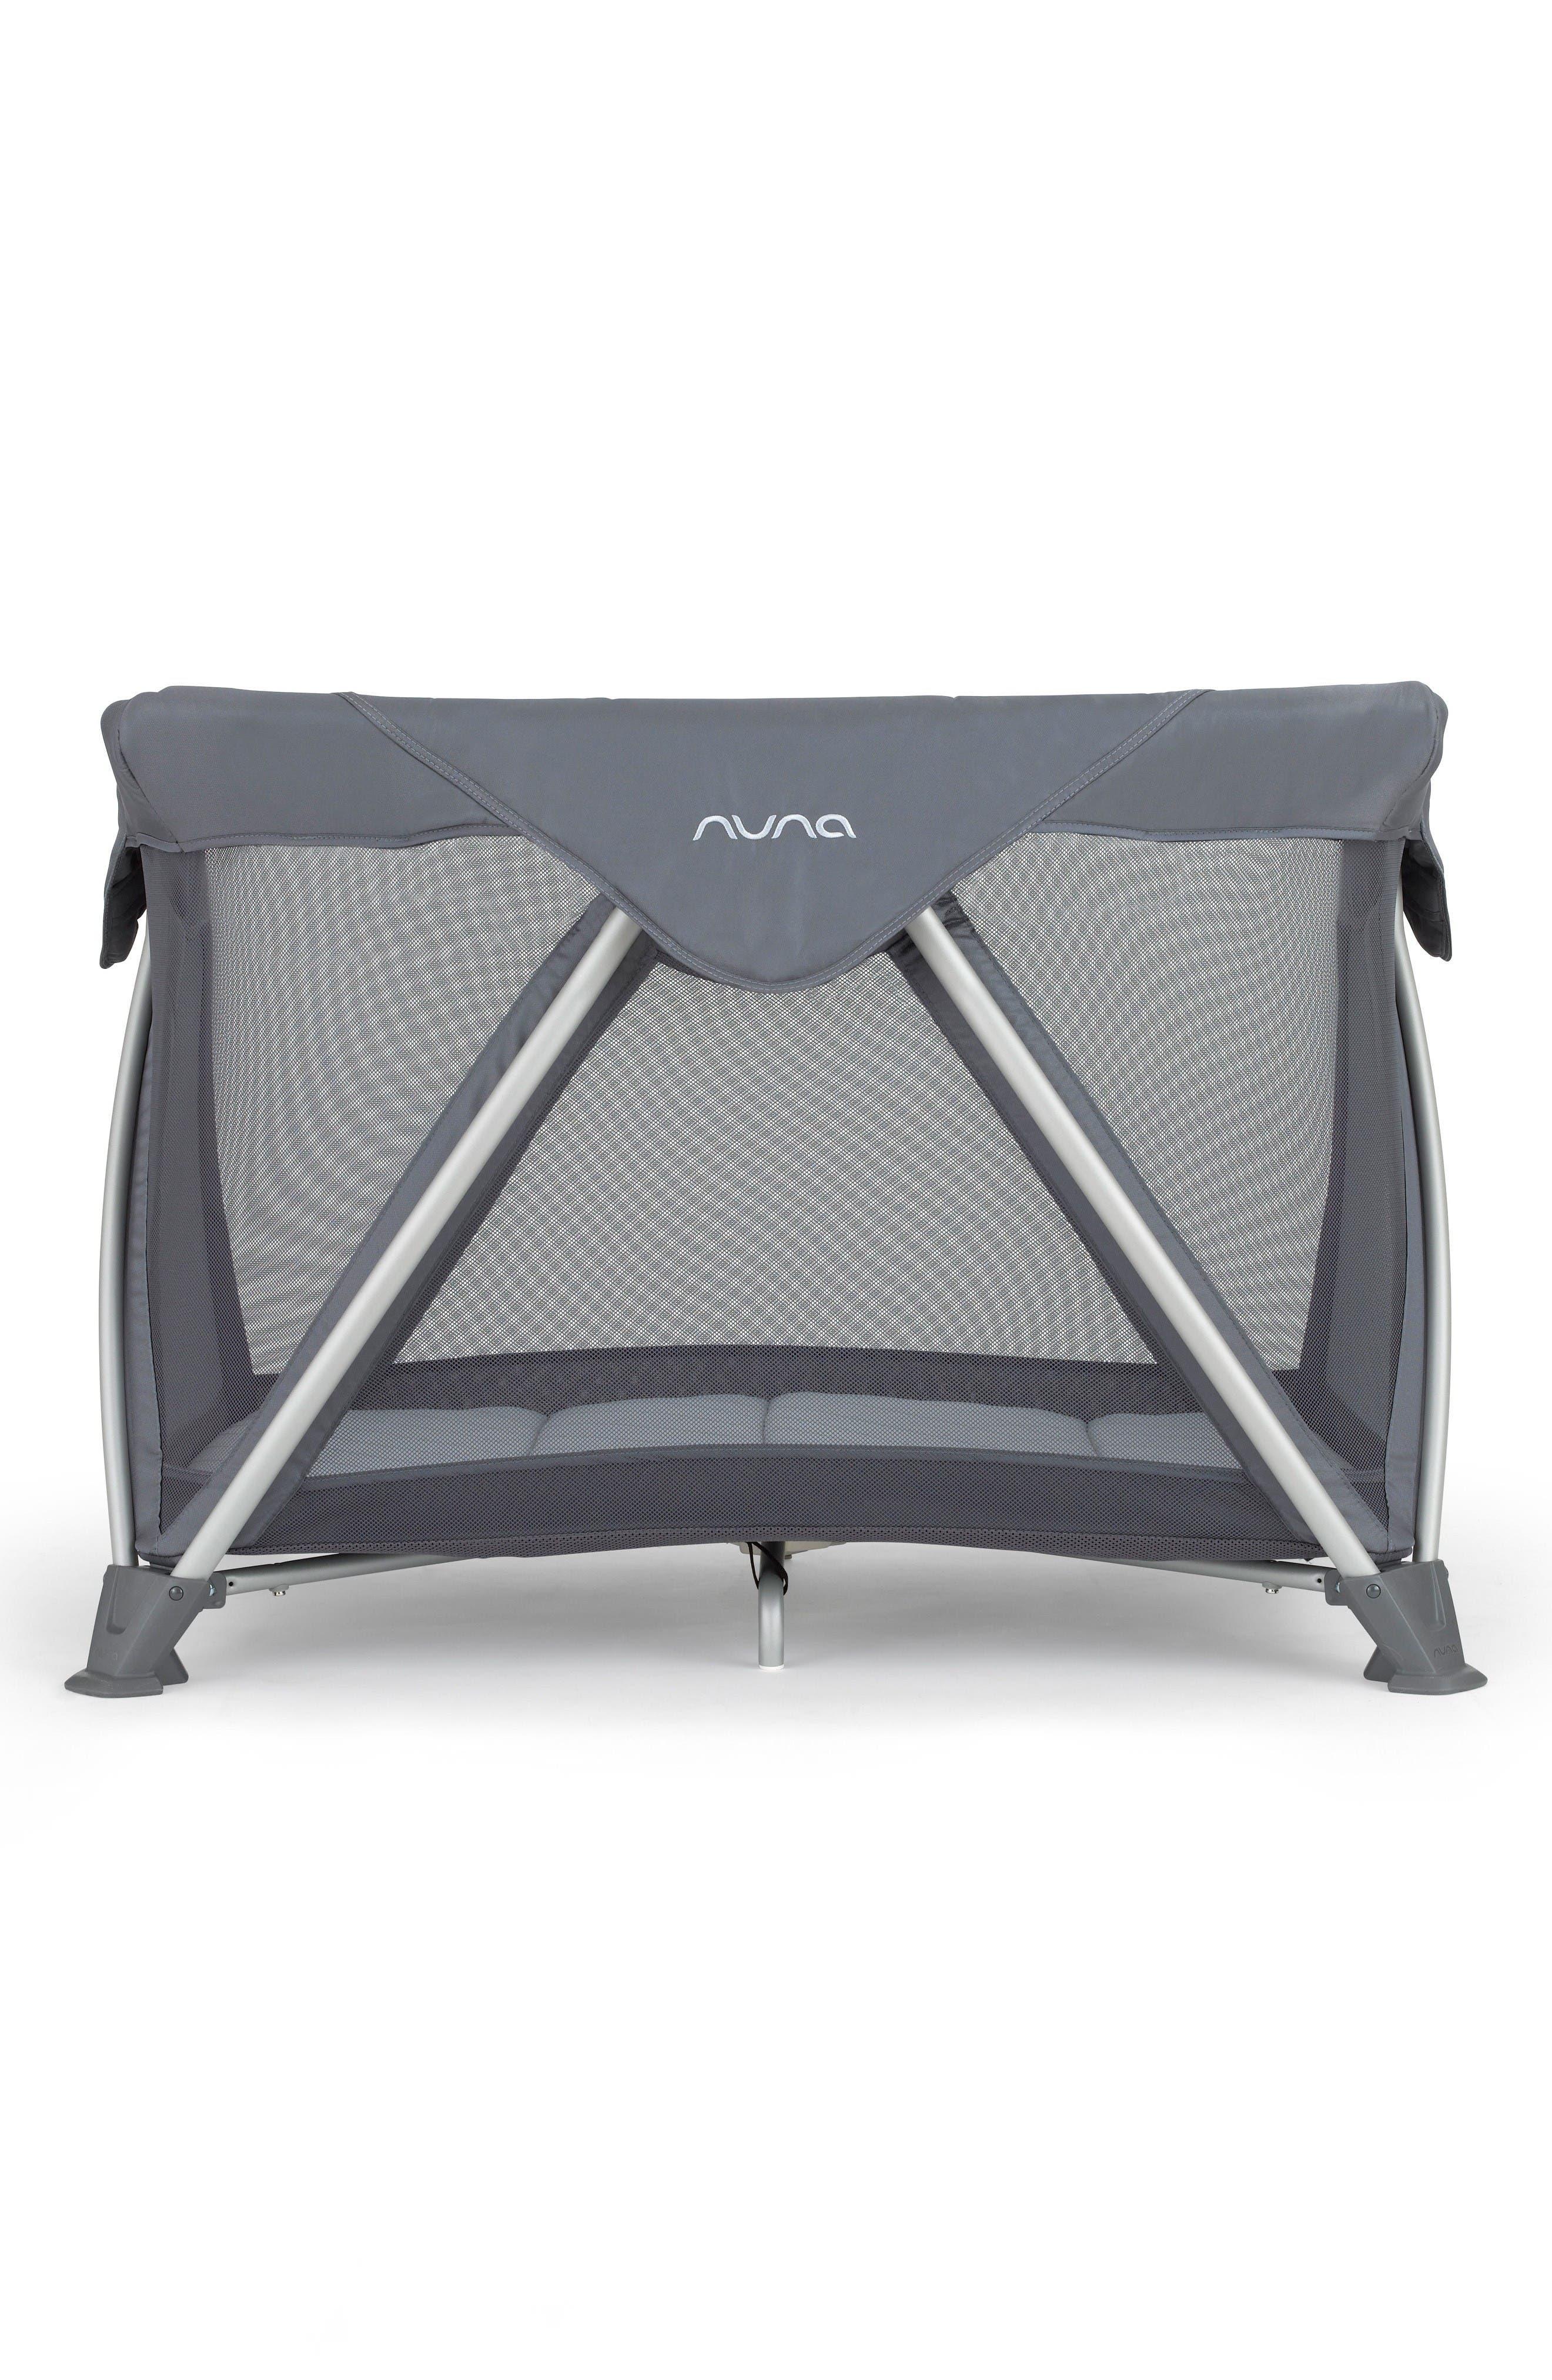 SENA<sup>™</sup> Mini Aire Travel Crib,                         Main,                         color, Graphite